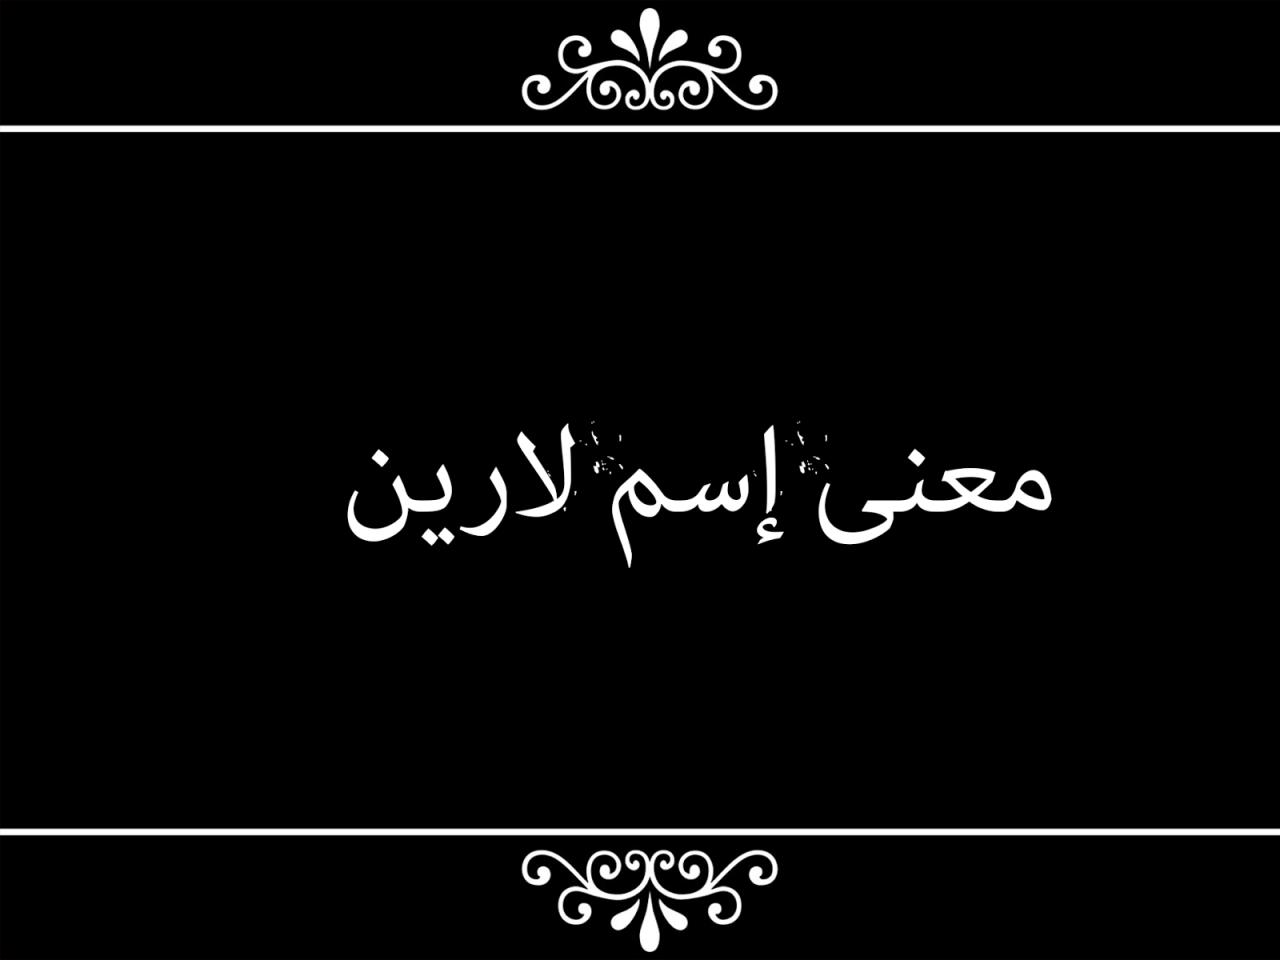 بالصور معنى اسم لارين في المعجم العربي , تفسير معنى اسم بناتى لارين في القاموس العربي 8490 2